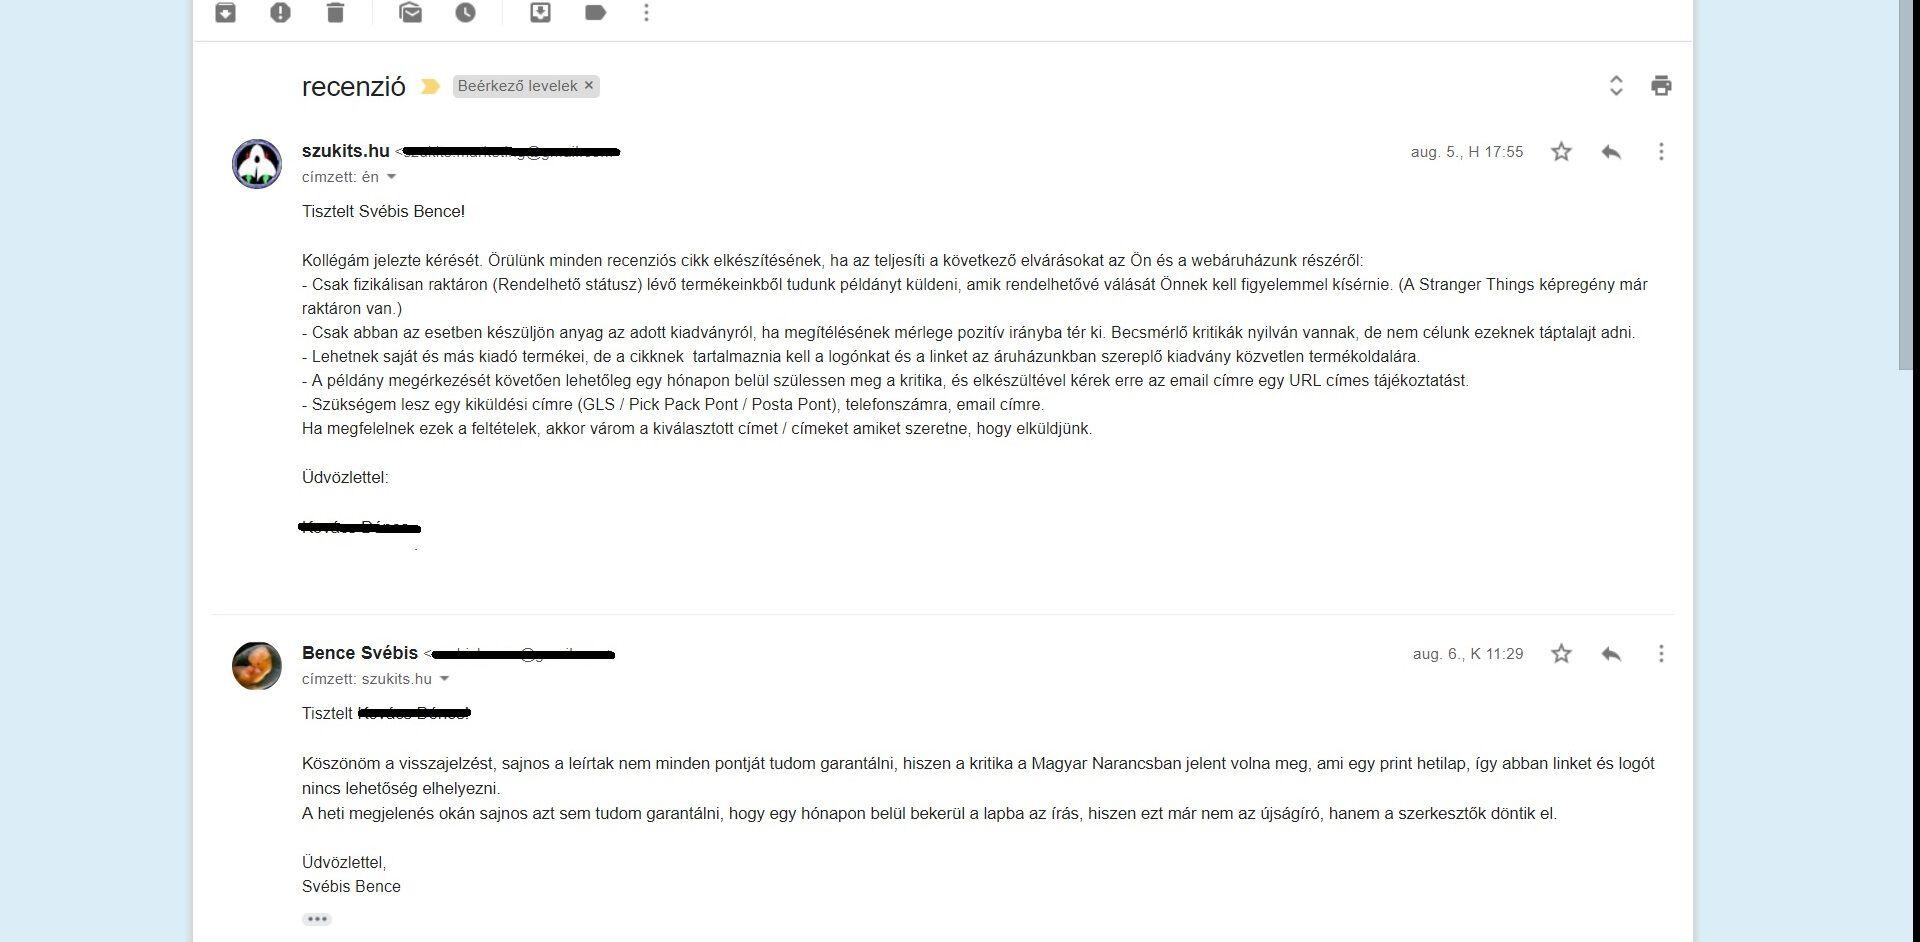 Szukits levél 02